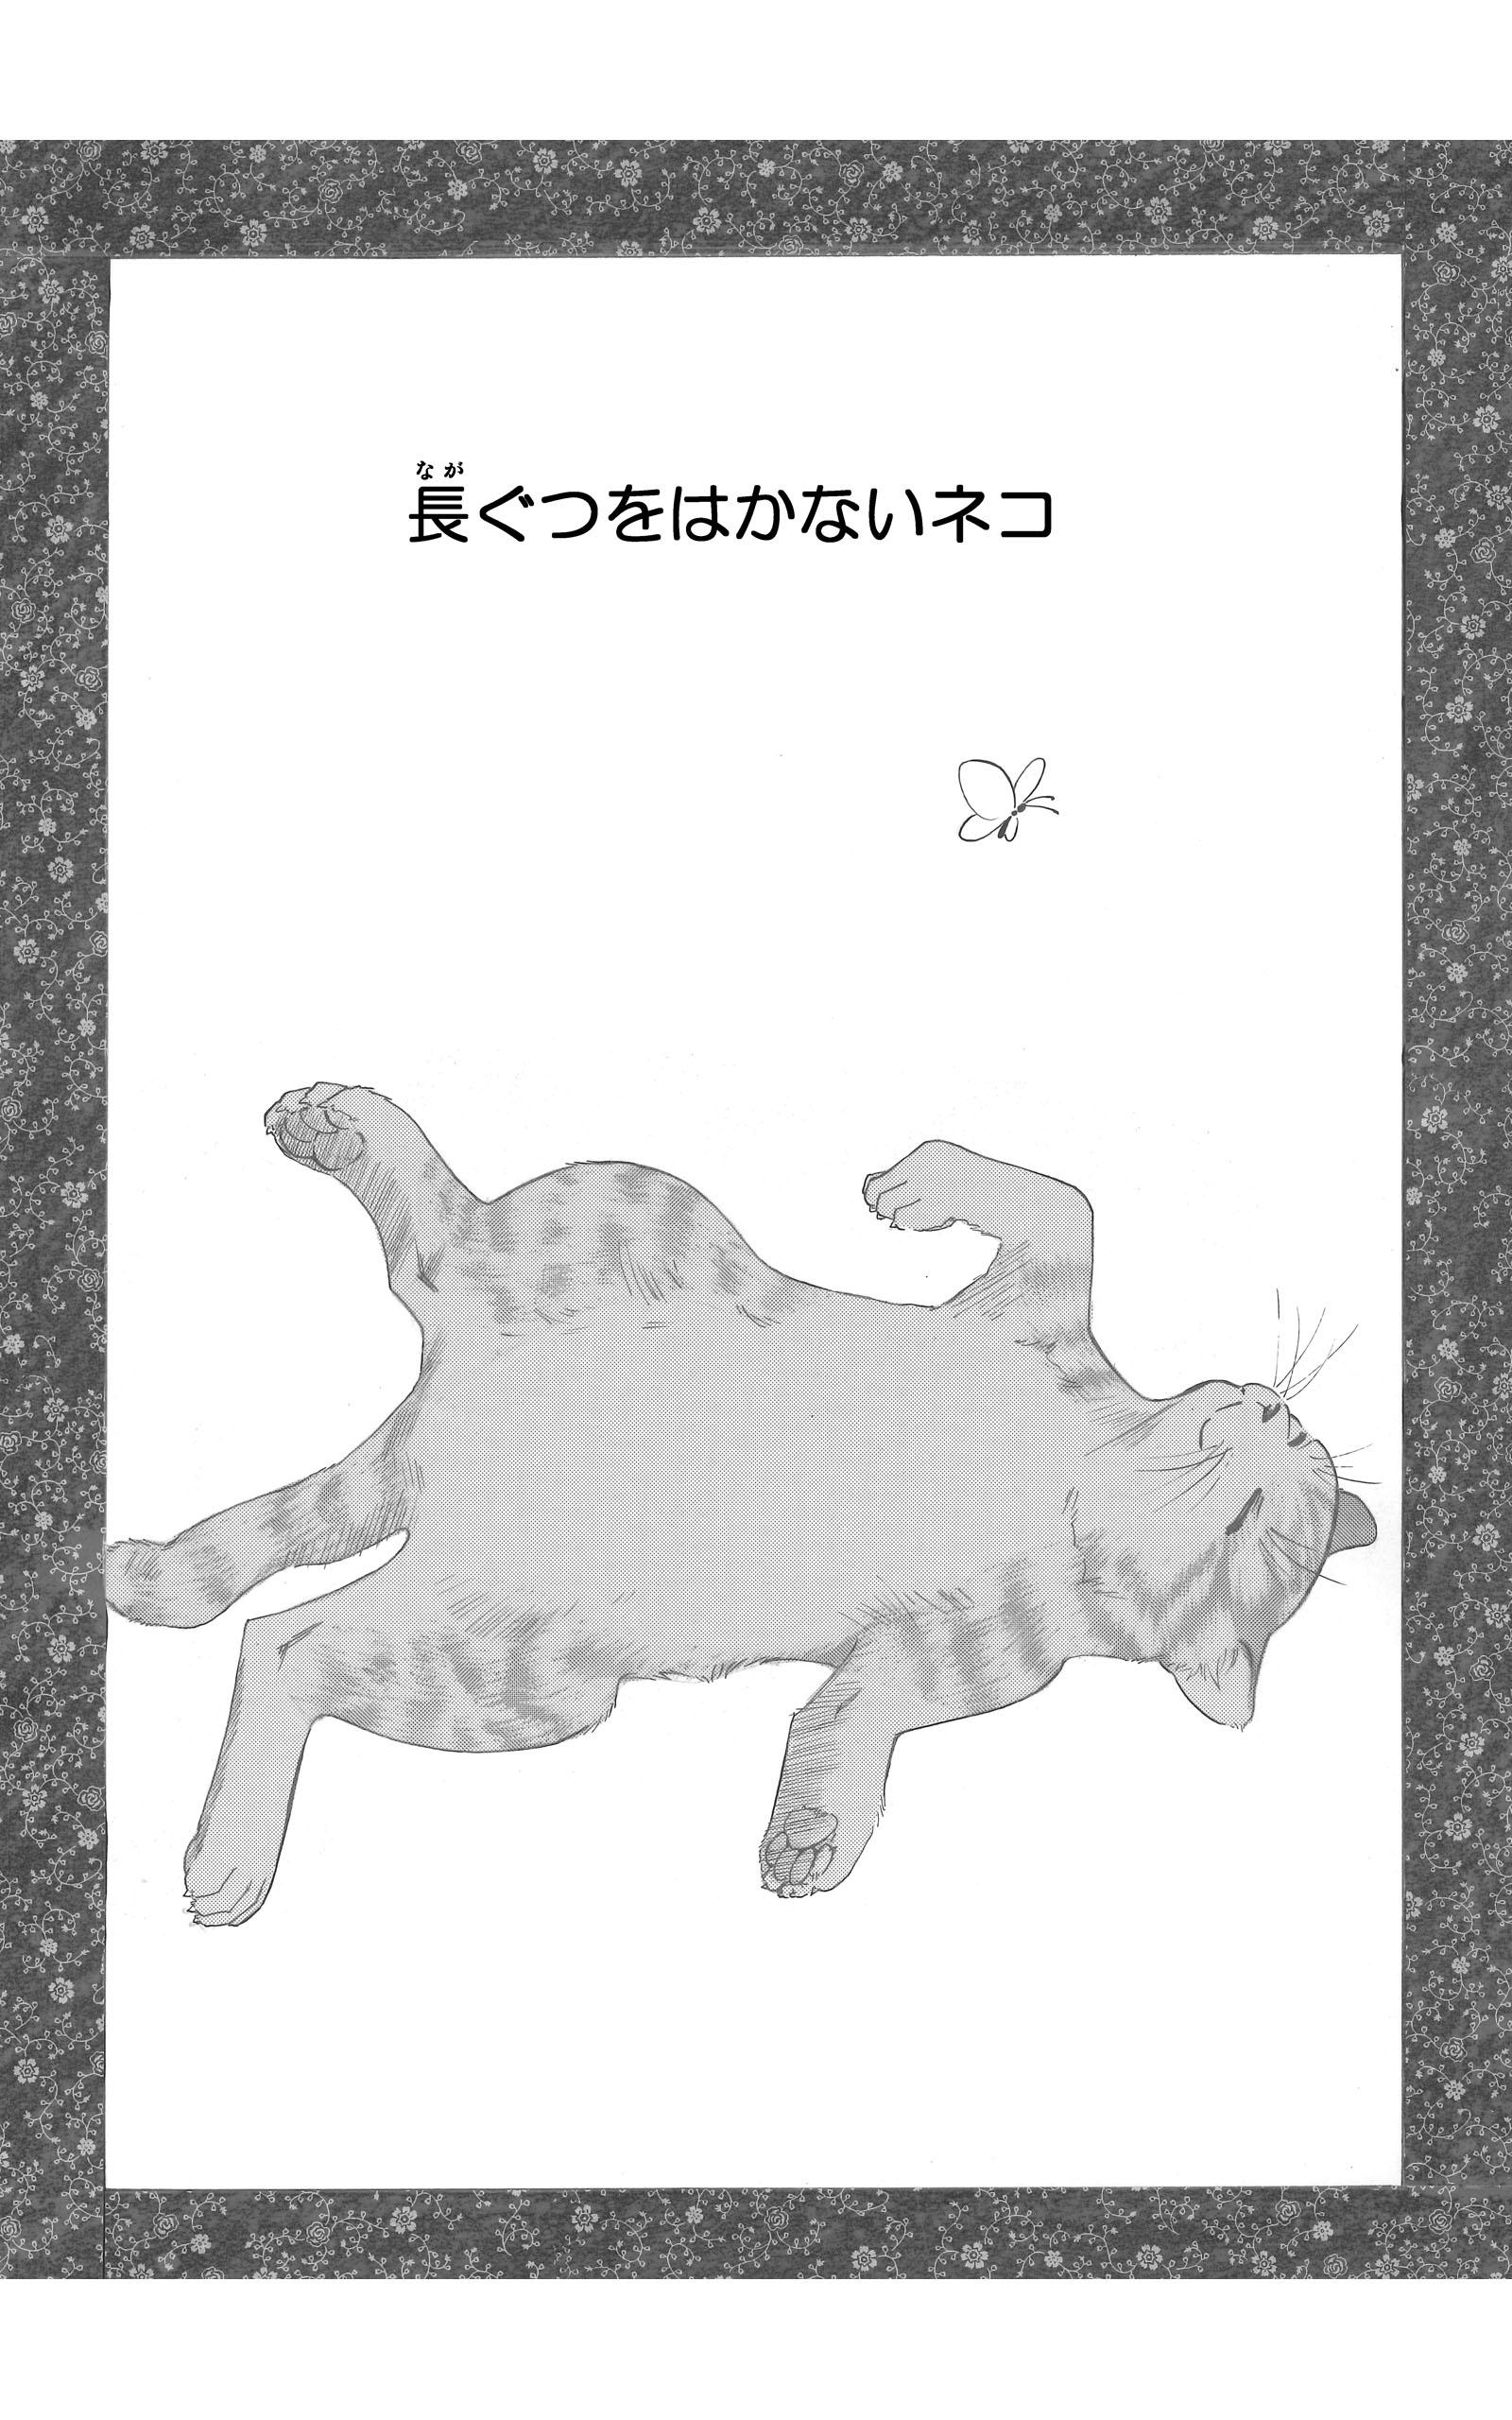 長ぐつをはかないネコ